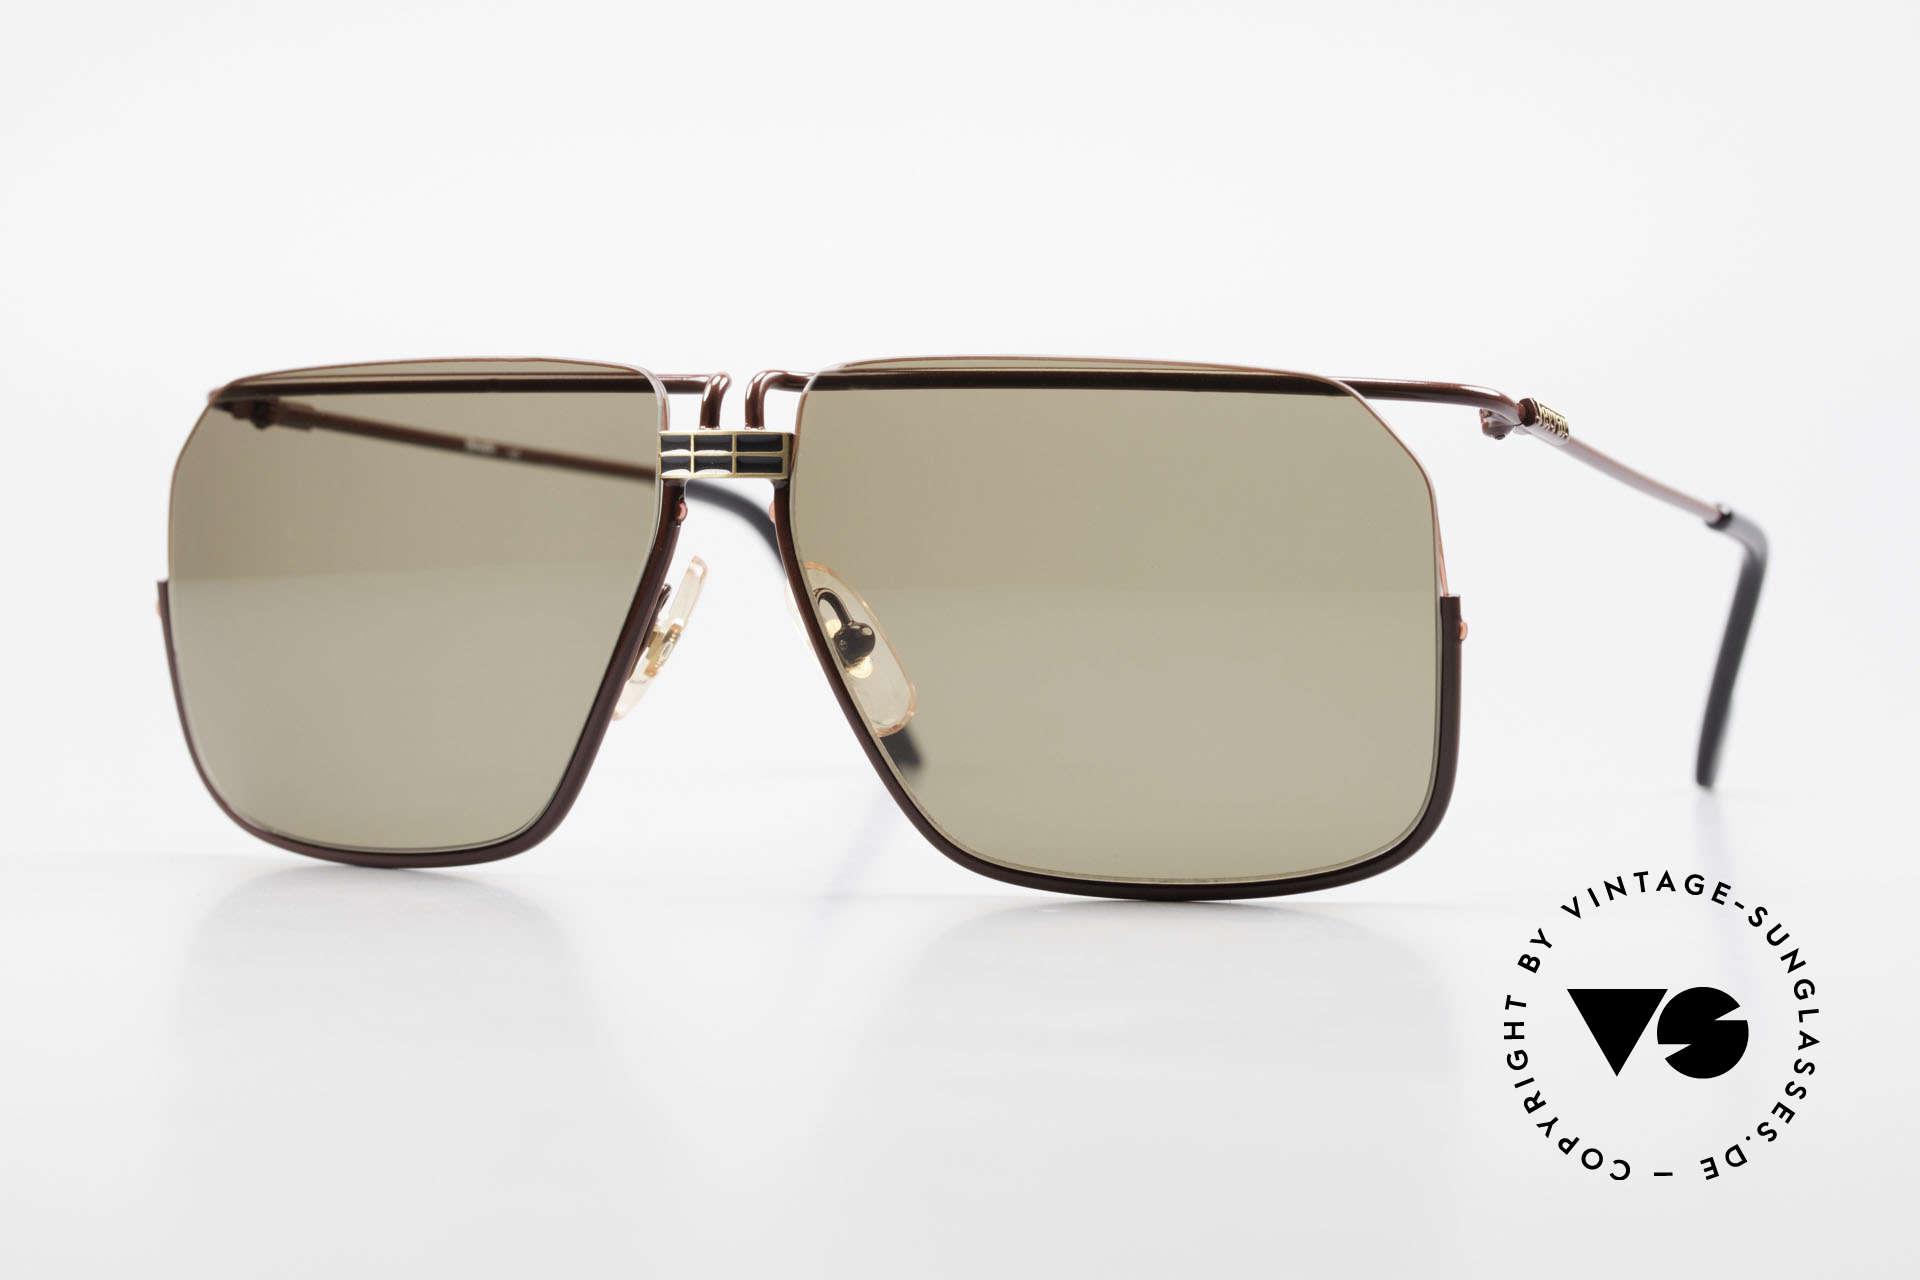 Ferrari F18/S Ferrari Formel 1 Sonnenbrille, markante 90er Jahre vintage Sonnenbrille von FERRARI, Passend für Herren